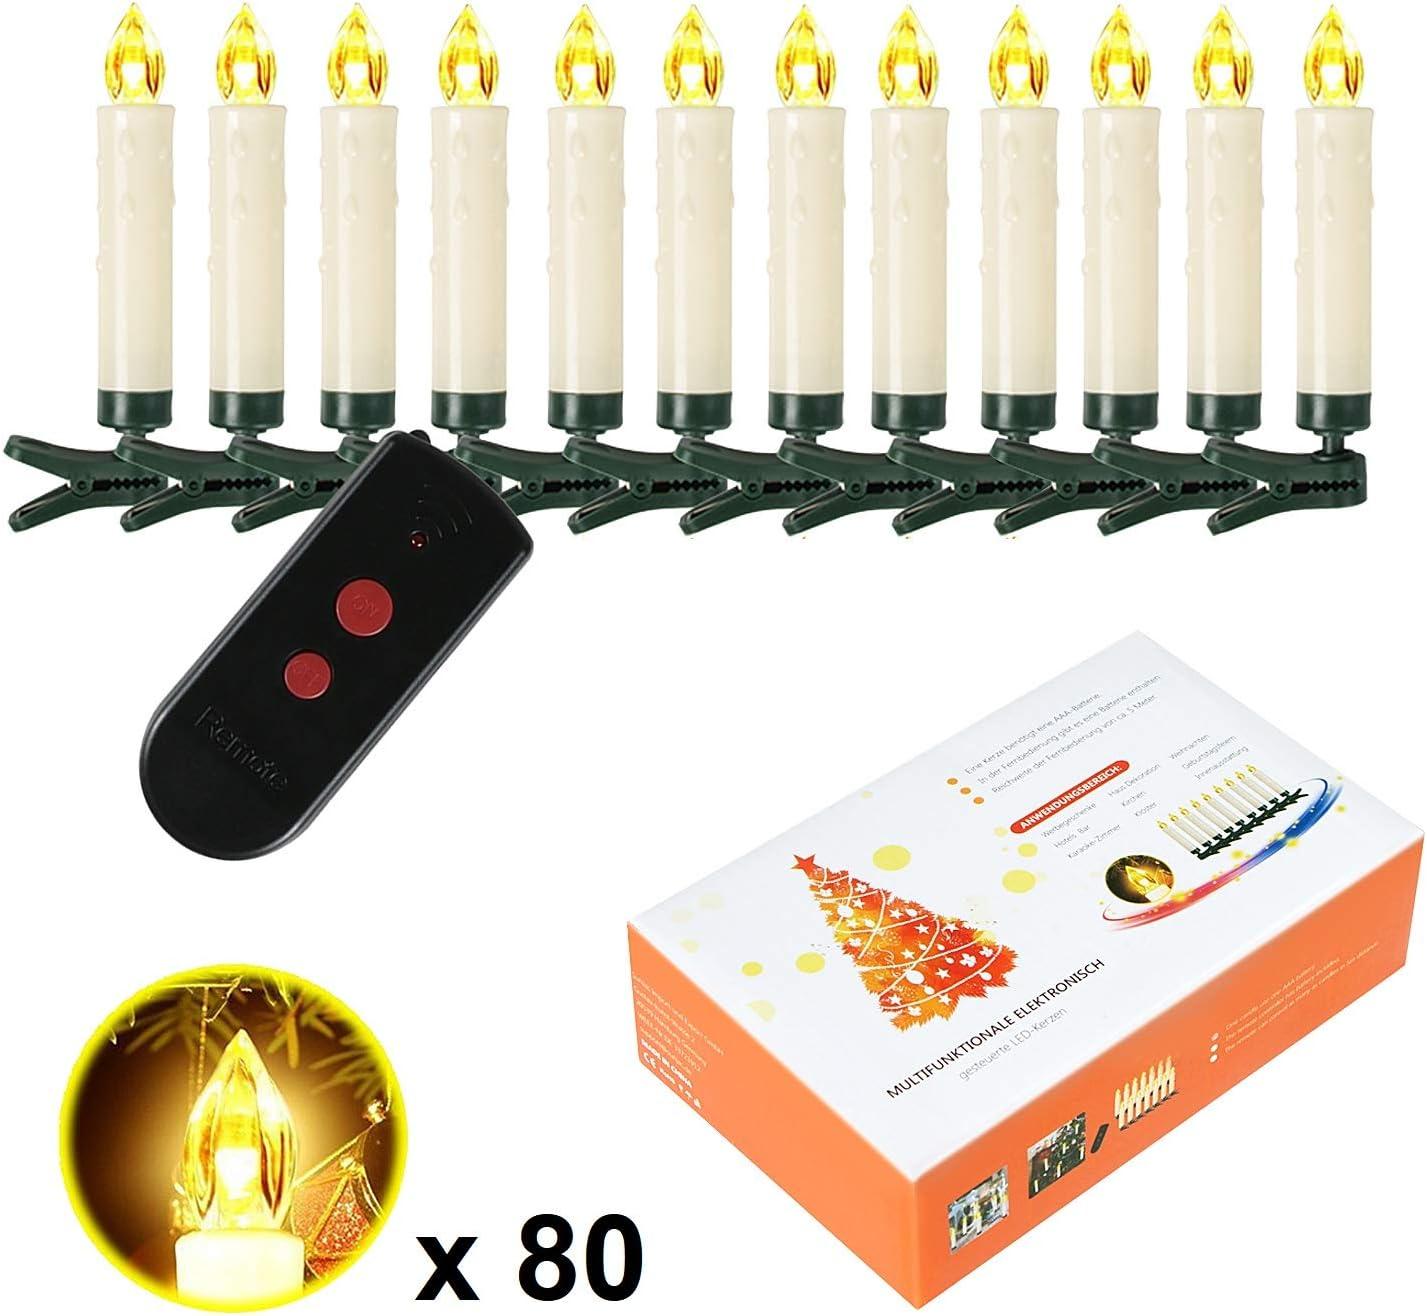 50 Stk SunJas 10//20//30//40 er Weinachten LED Kerzen Lichterkette Kerzen Weihnachtskerzen Weihnachtsbaum Kerzen mit Fernbedienung Kabellos